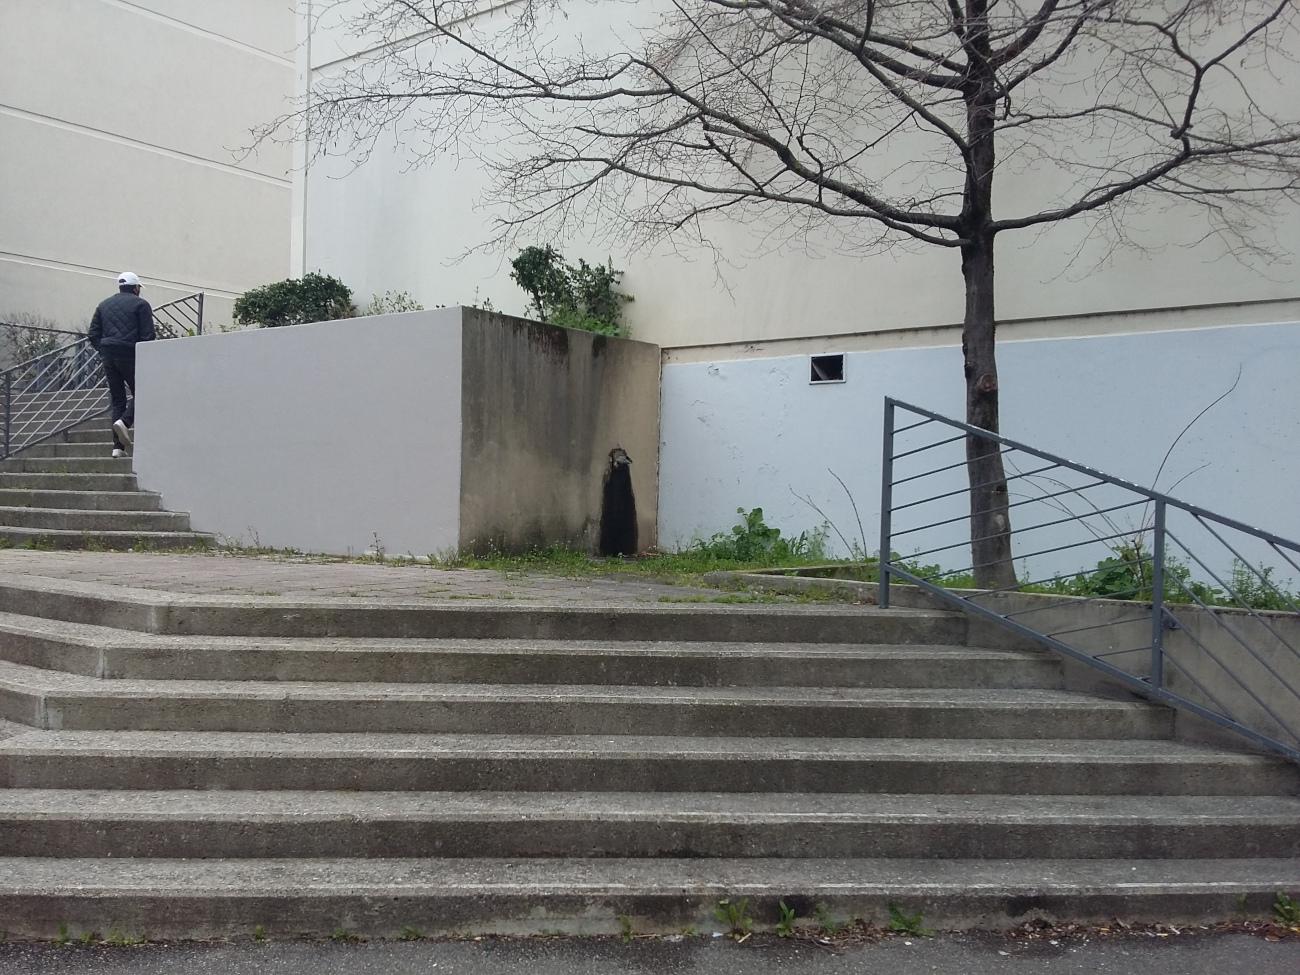 Escaliers et silhouette d'homme